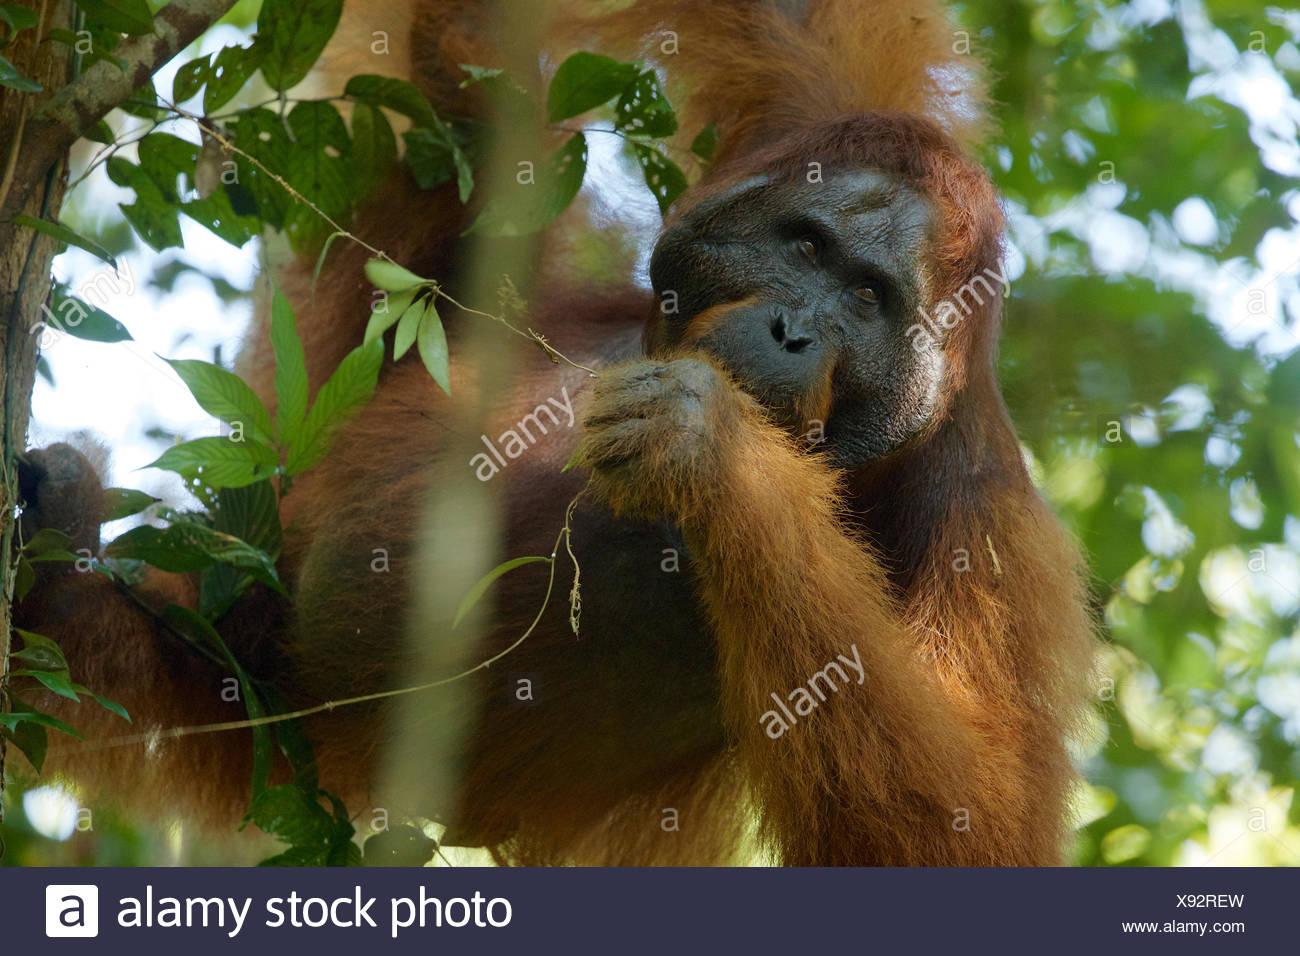 Un homme adulte orang-outan, Pongo pygmaeus wurmbii, repose sur une branche d'arbre à Gunung Palung National Park. Photo Stock